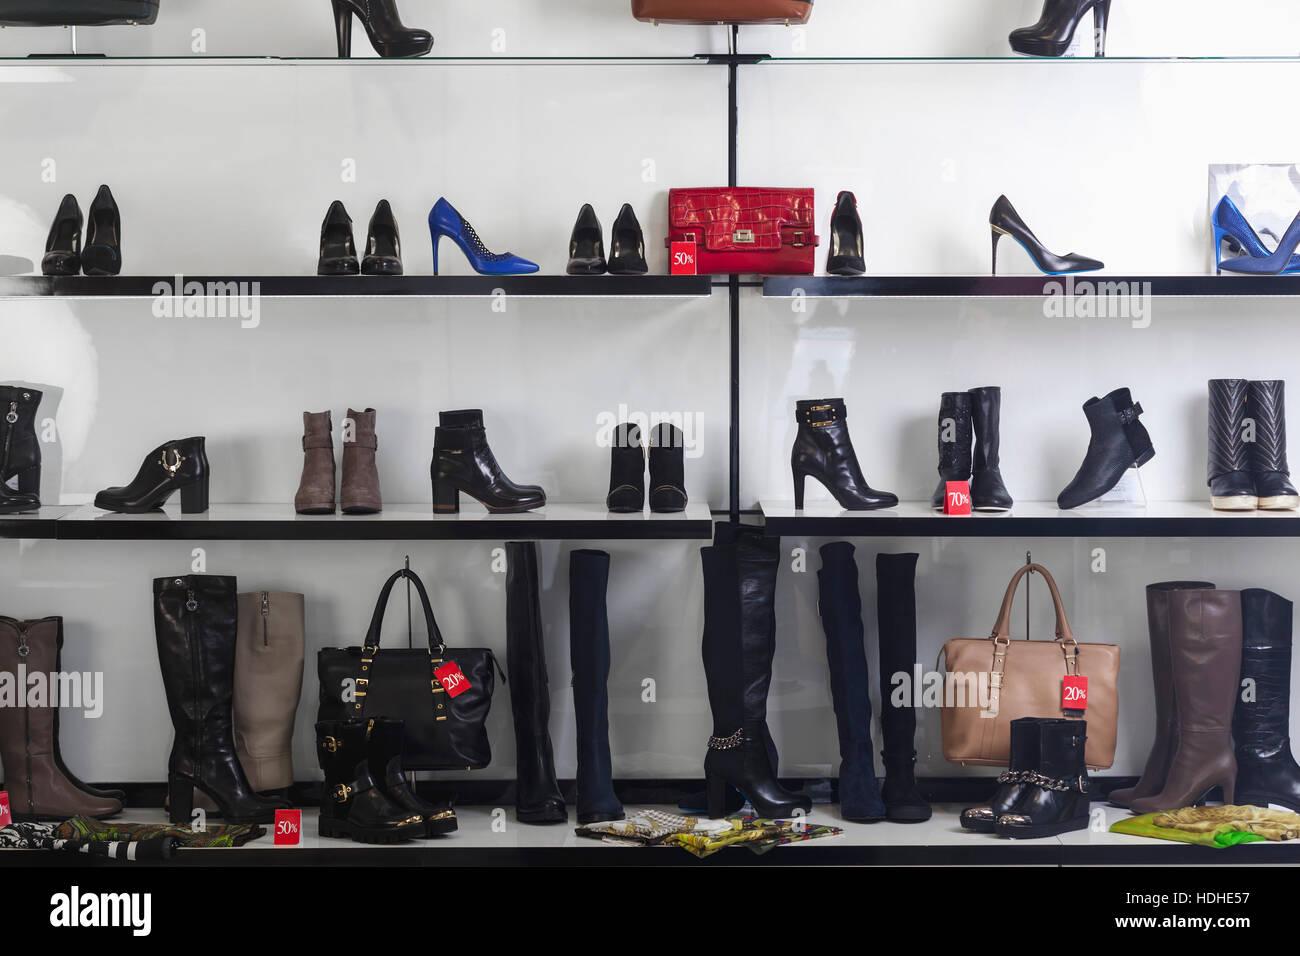 Varie tipologie di calzature e portamonete visualizzati sugli scaffali in  negozio Immagini Stock a64e9c23d7a